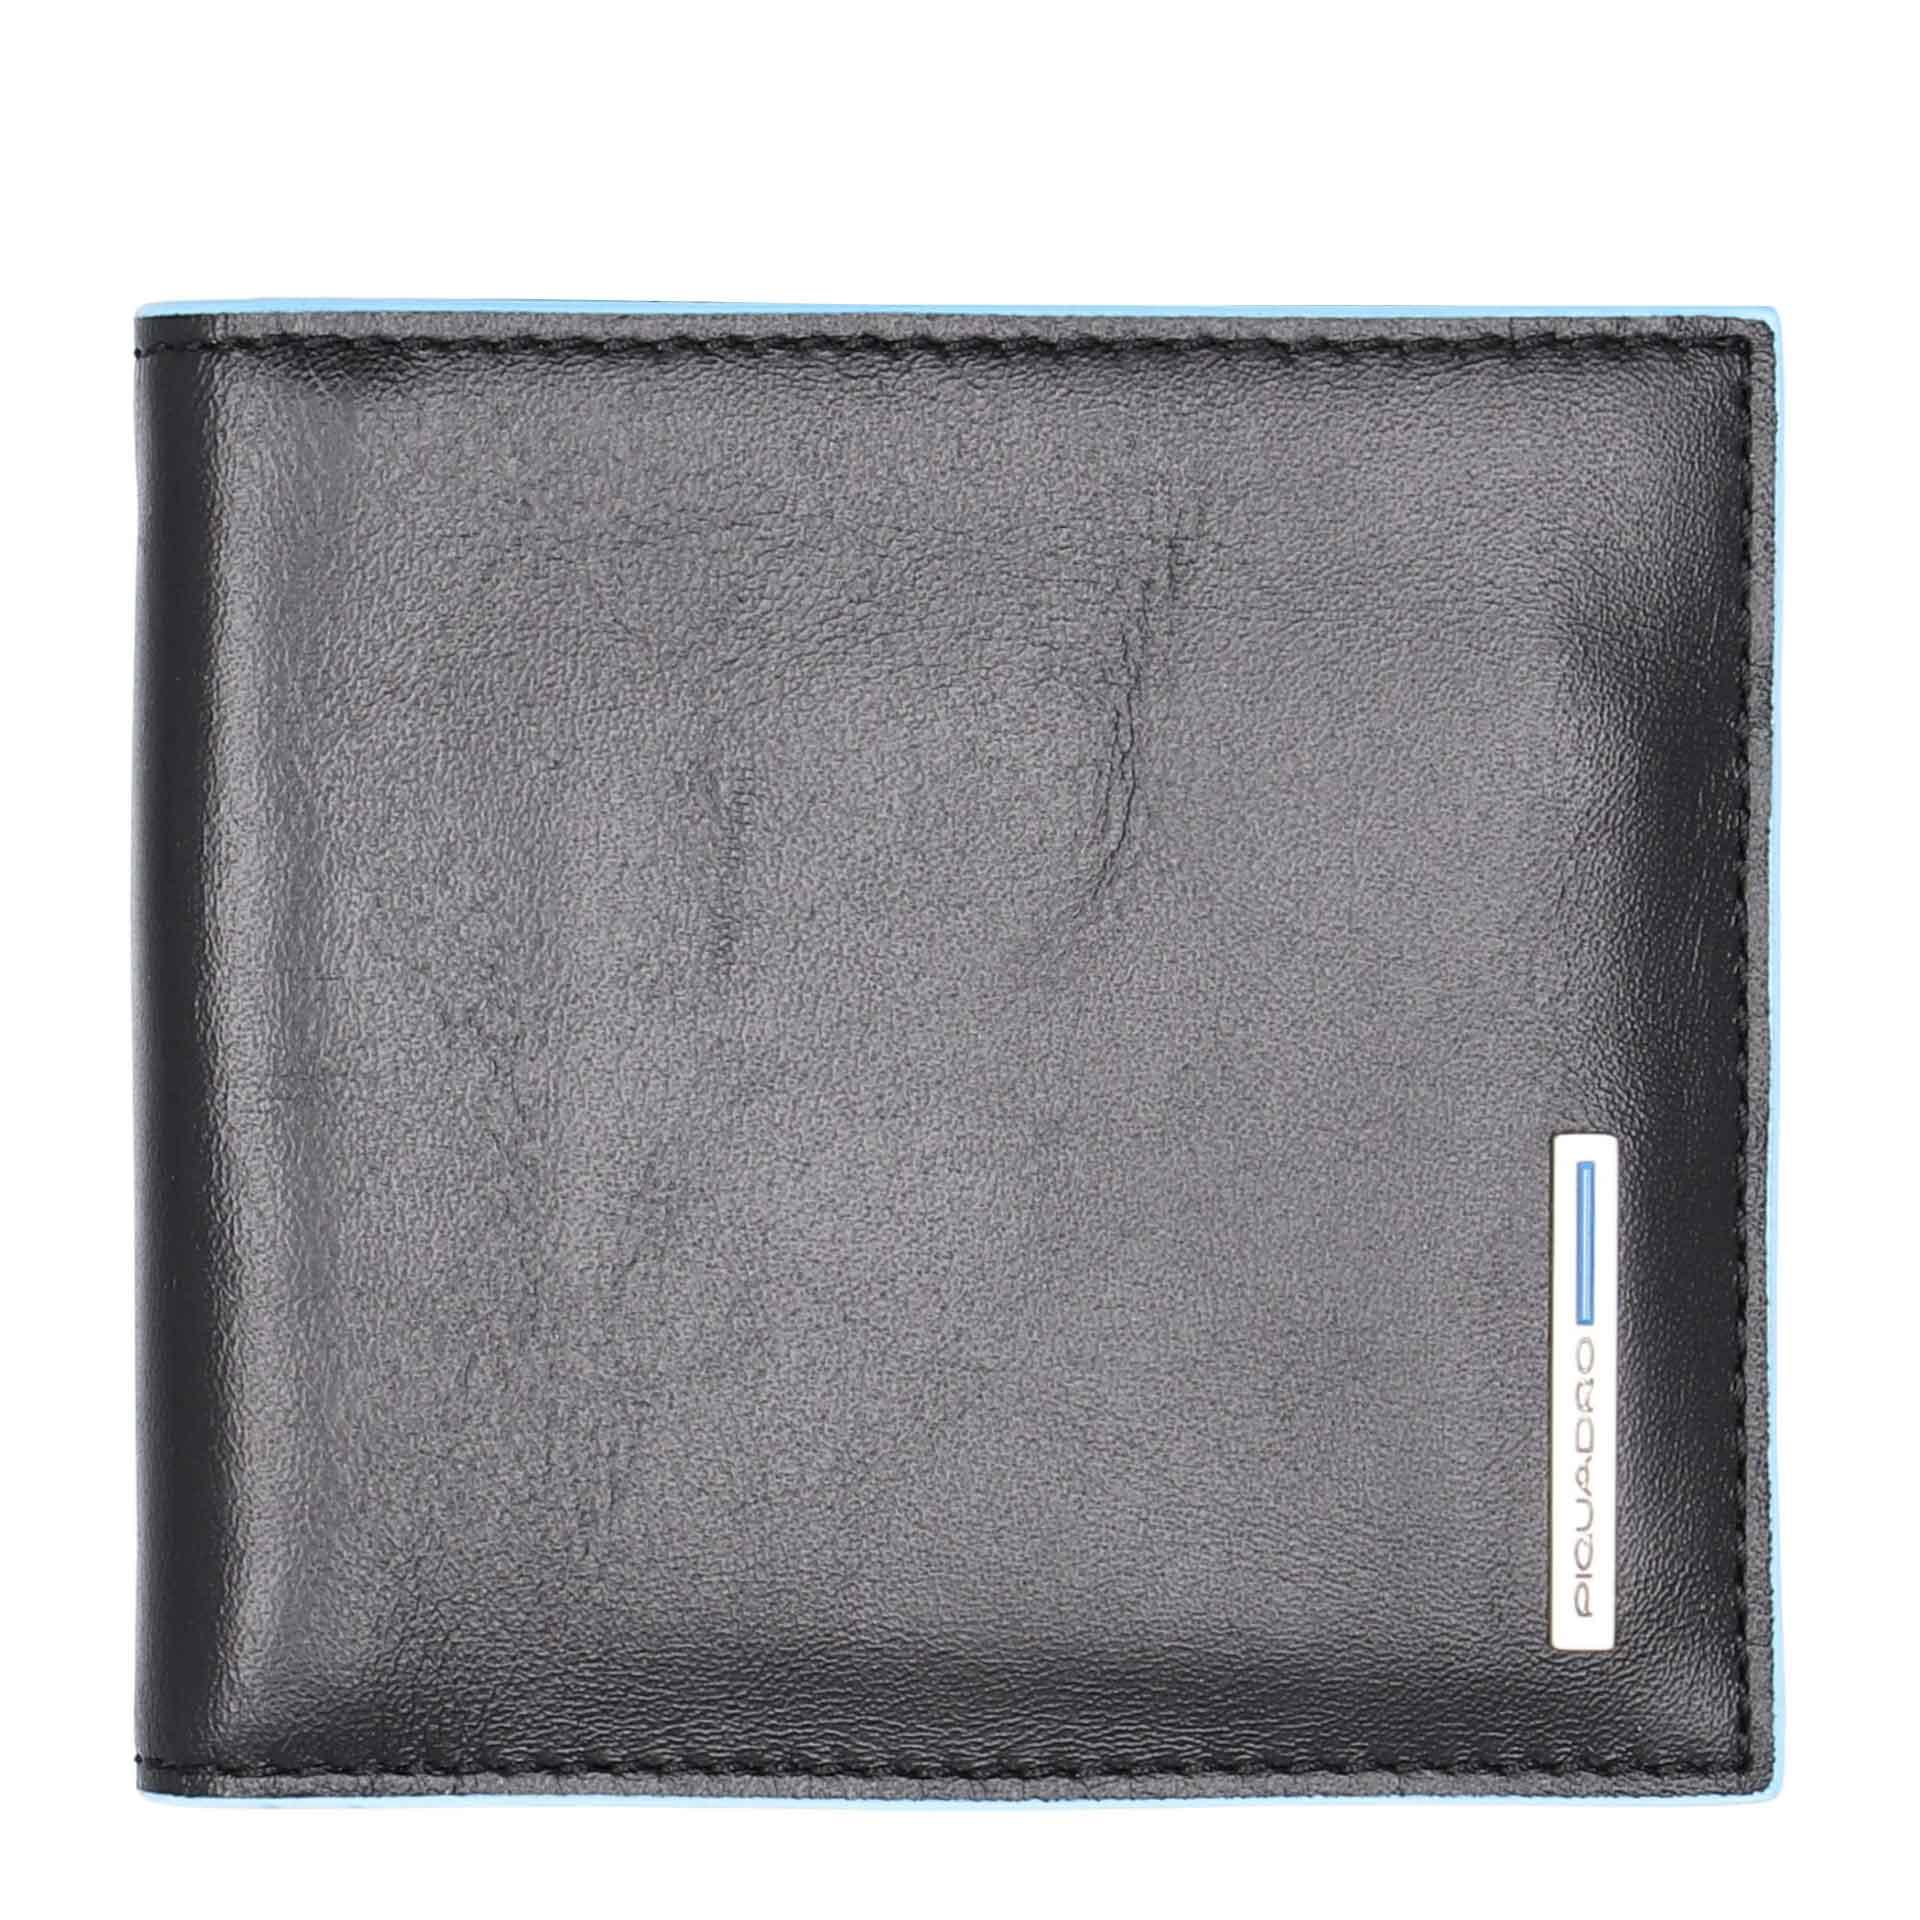 Piquadro  Herren Geldbörse mit Geldklammer black